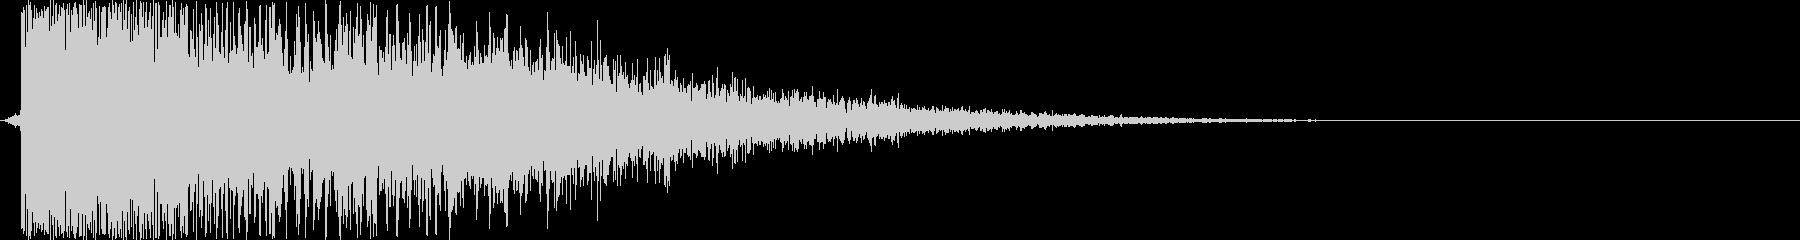 バヒューン(シューティング、ミサイル)の未再生の波形